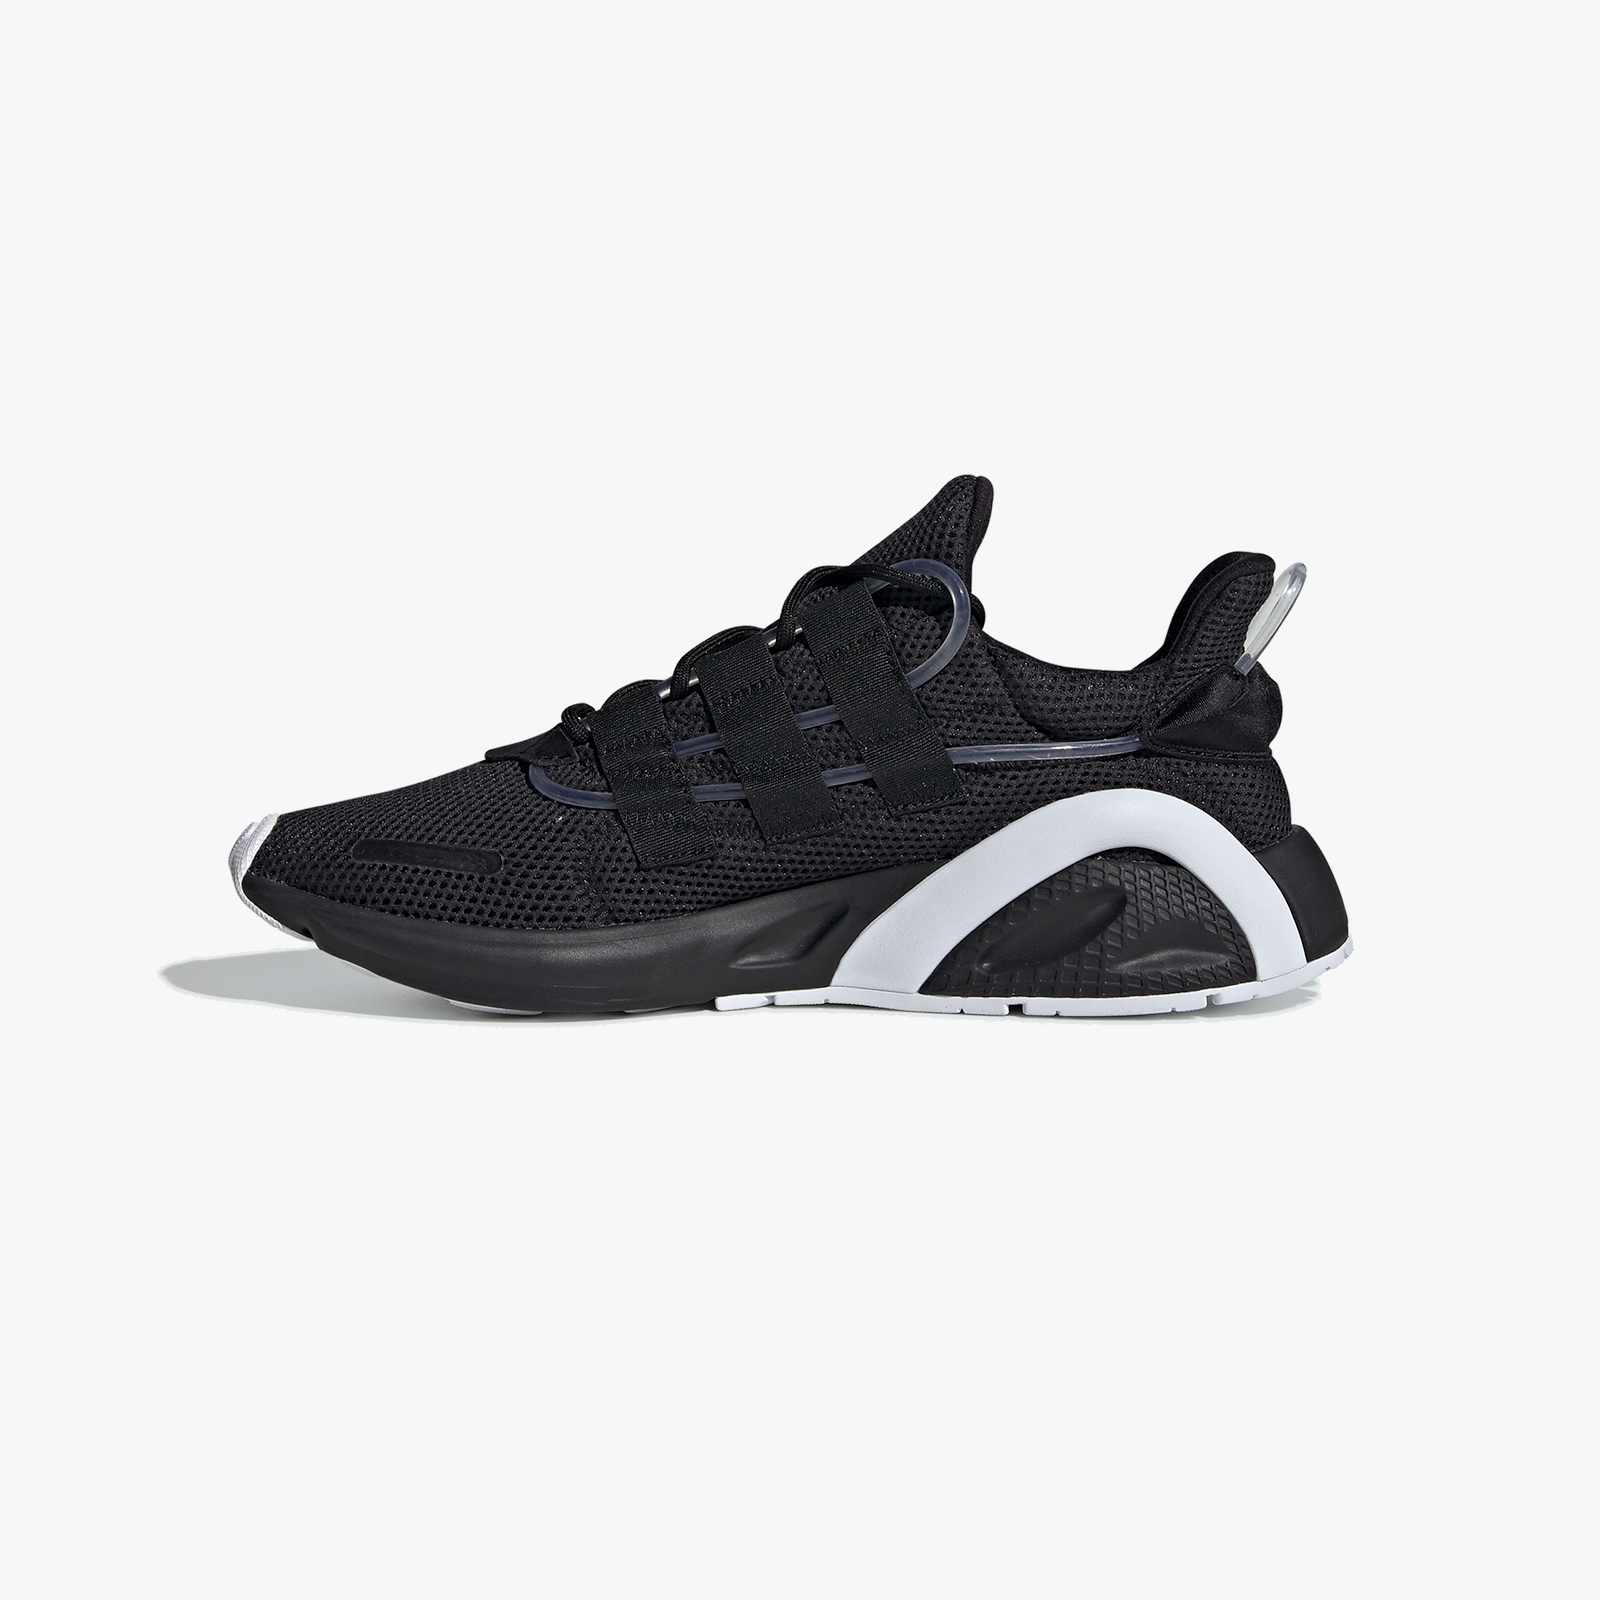 c92cf08a7e164 adidas LXCON - Eg7536 - Sneakersnstuff